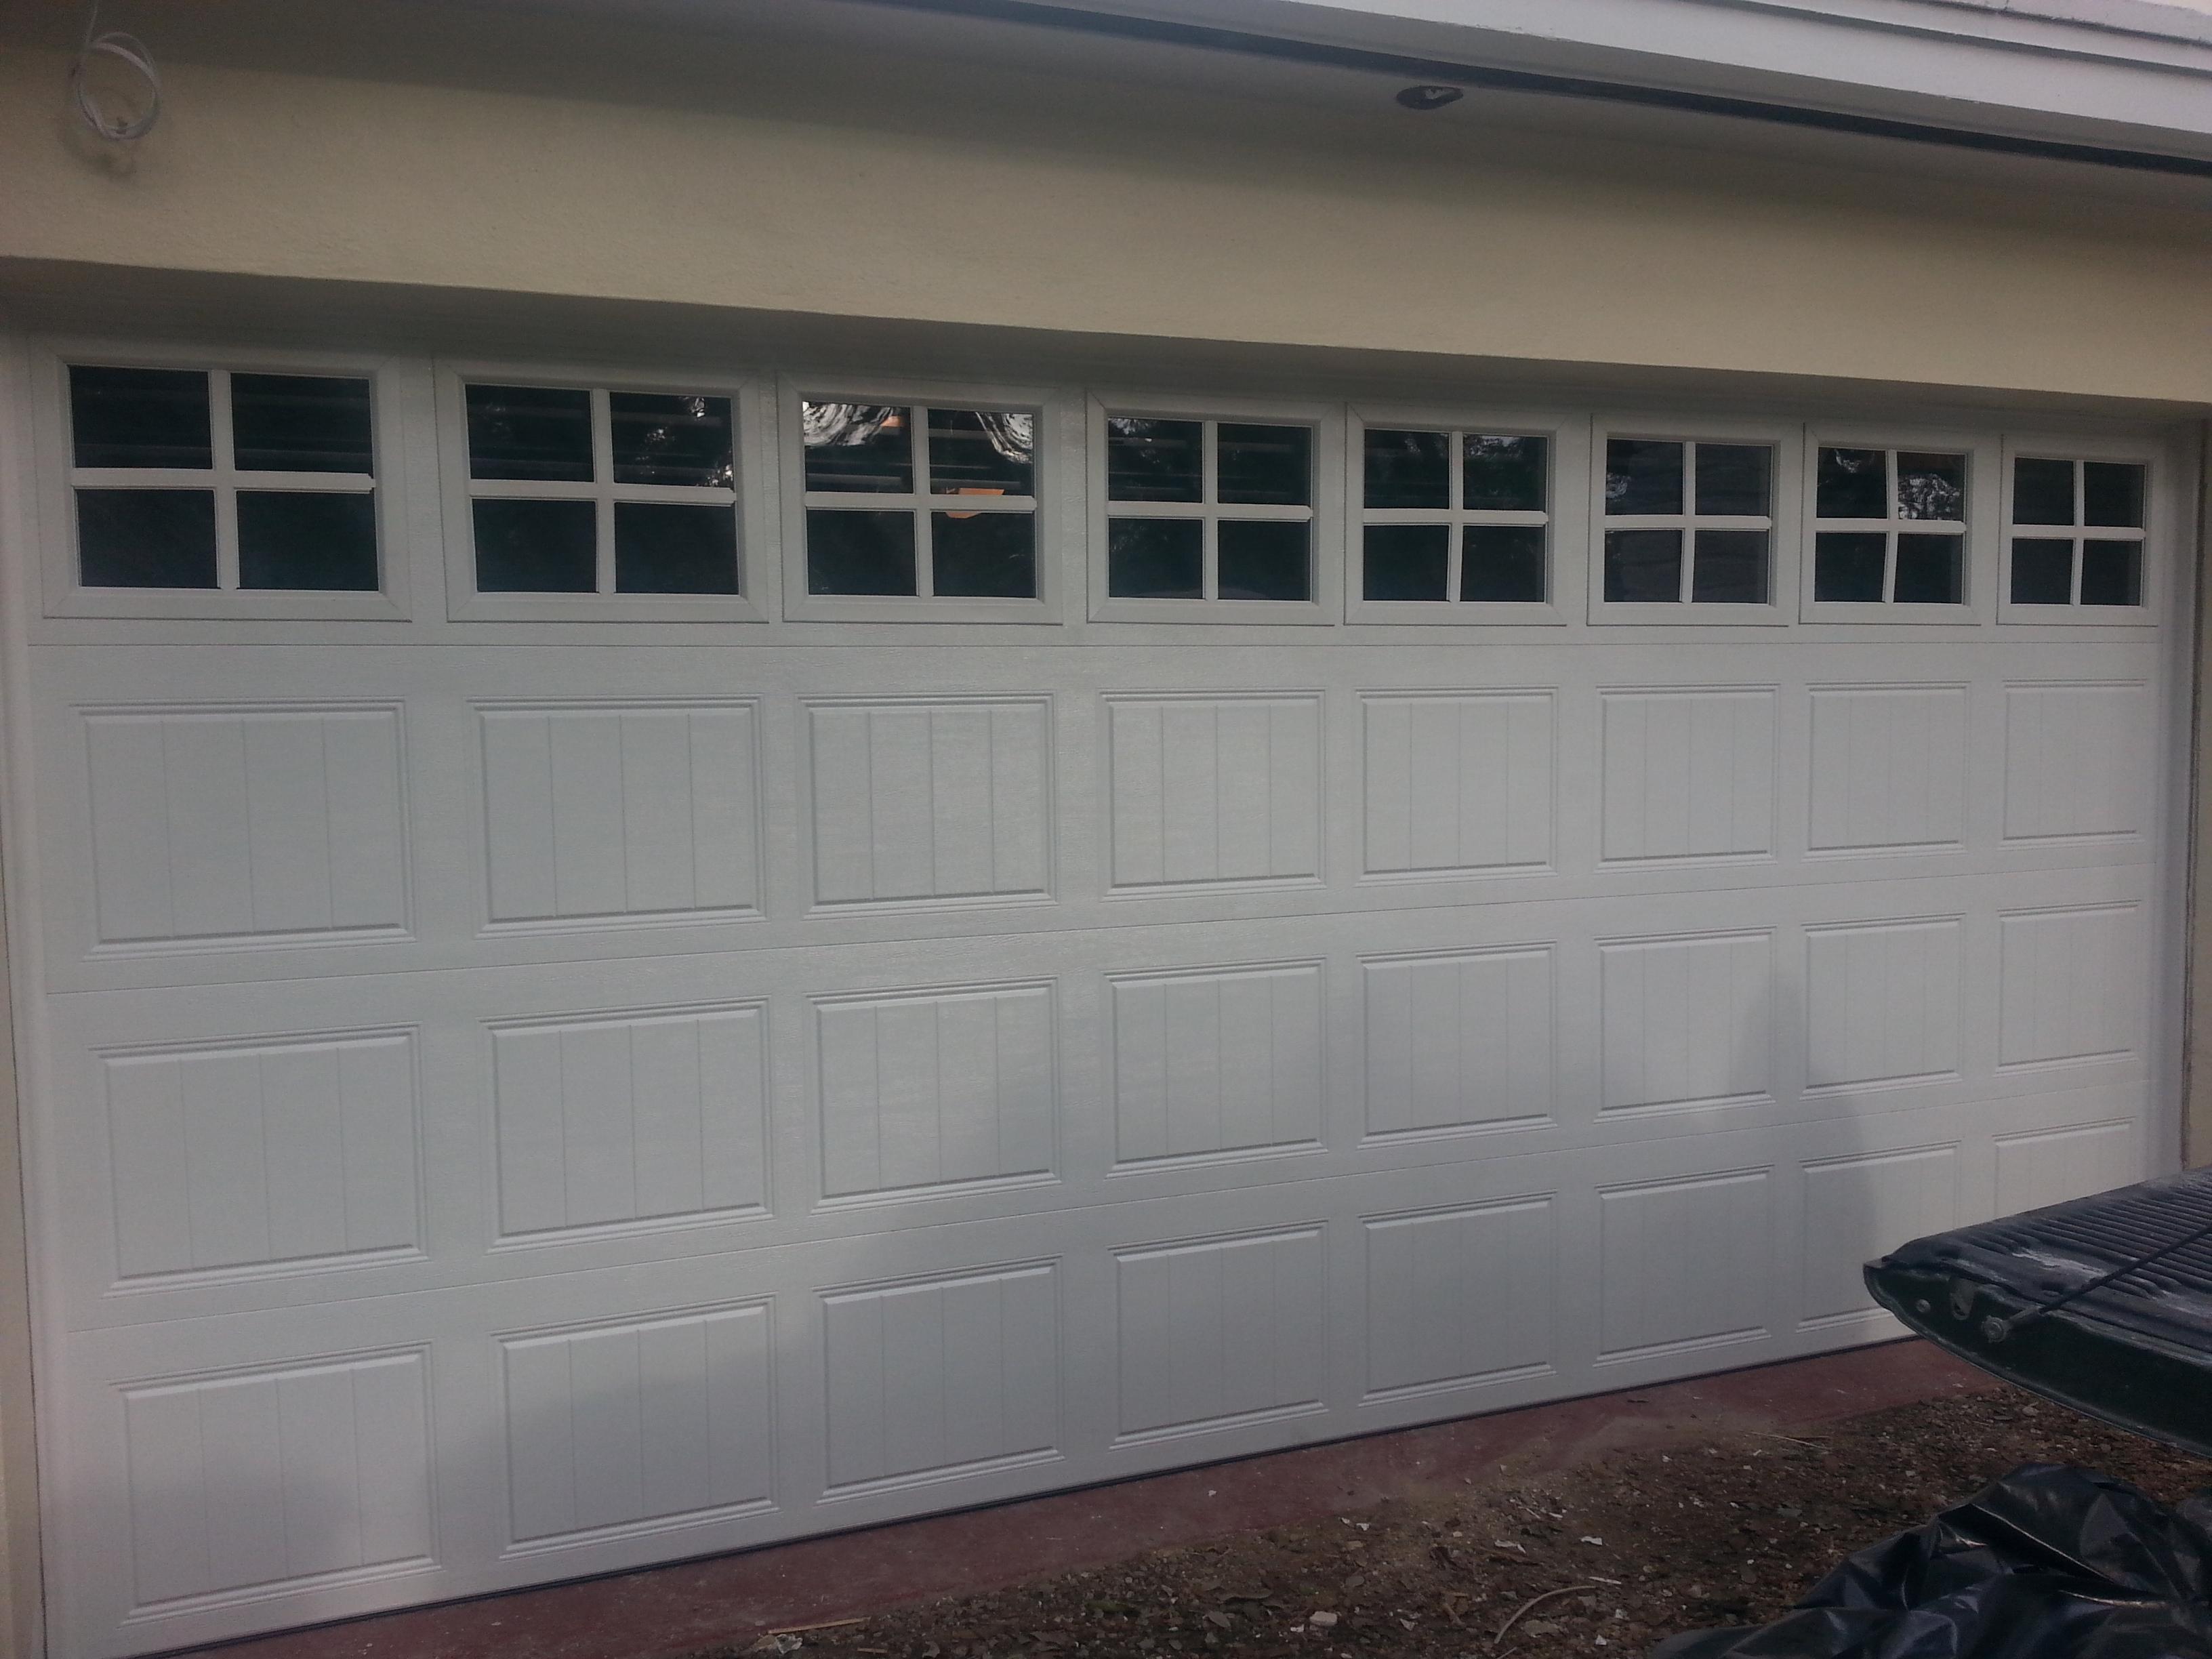 2448 #635A4F Oak Summit Garage Door Garage Door Solutions Miami picture/photo Oak Garage Doors 38493264